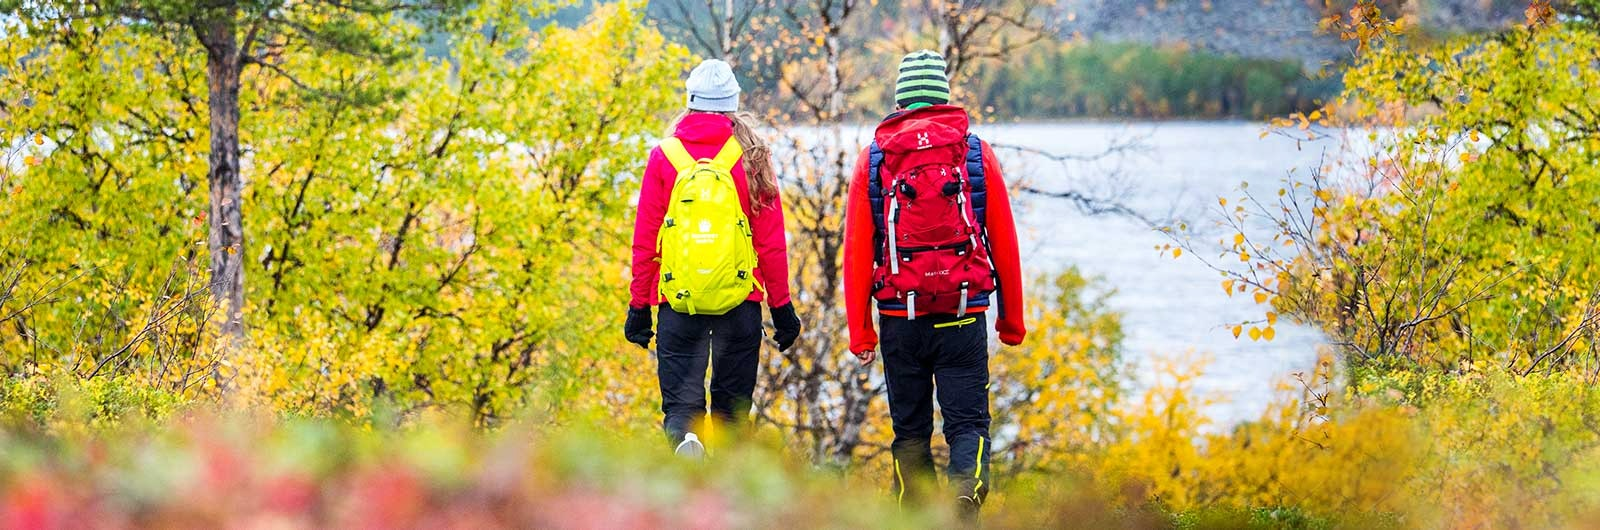 Vandrare med ryggsäckar vid sjö